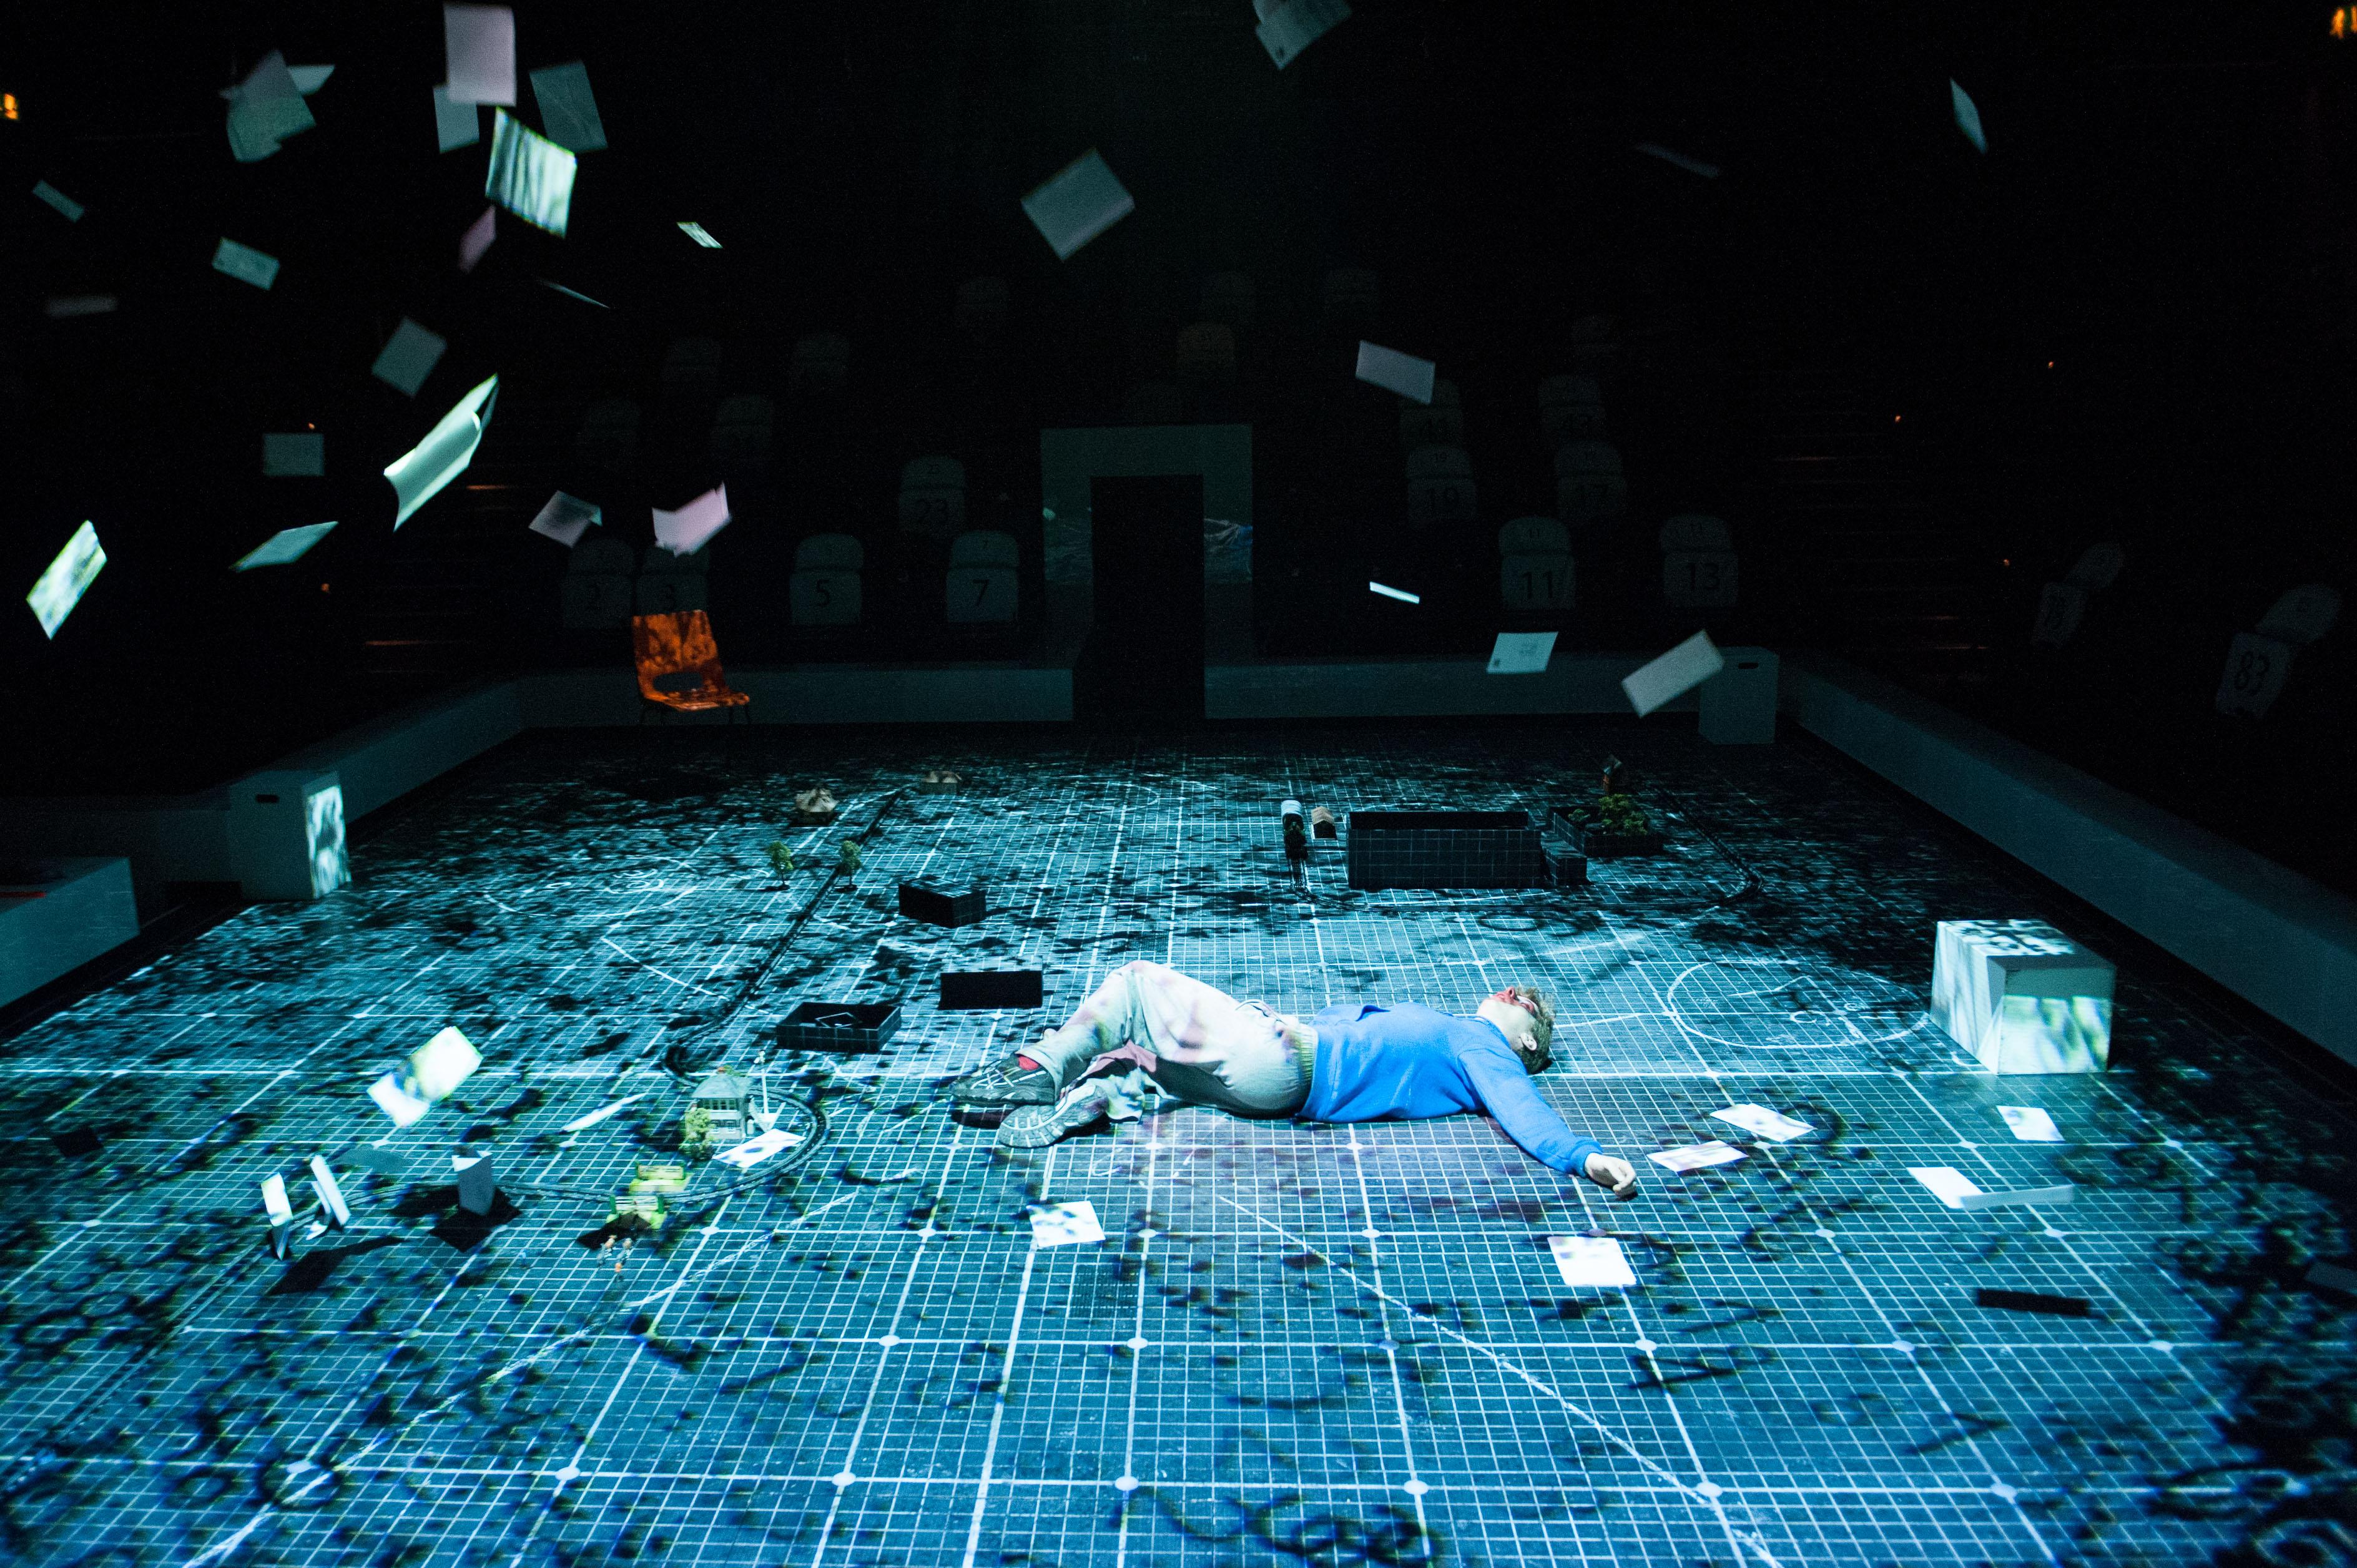 2021高清放映·英国国家剧院现场呈现《深夜小狗离奇事件》-郑州站